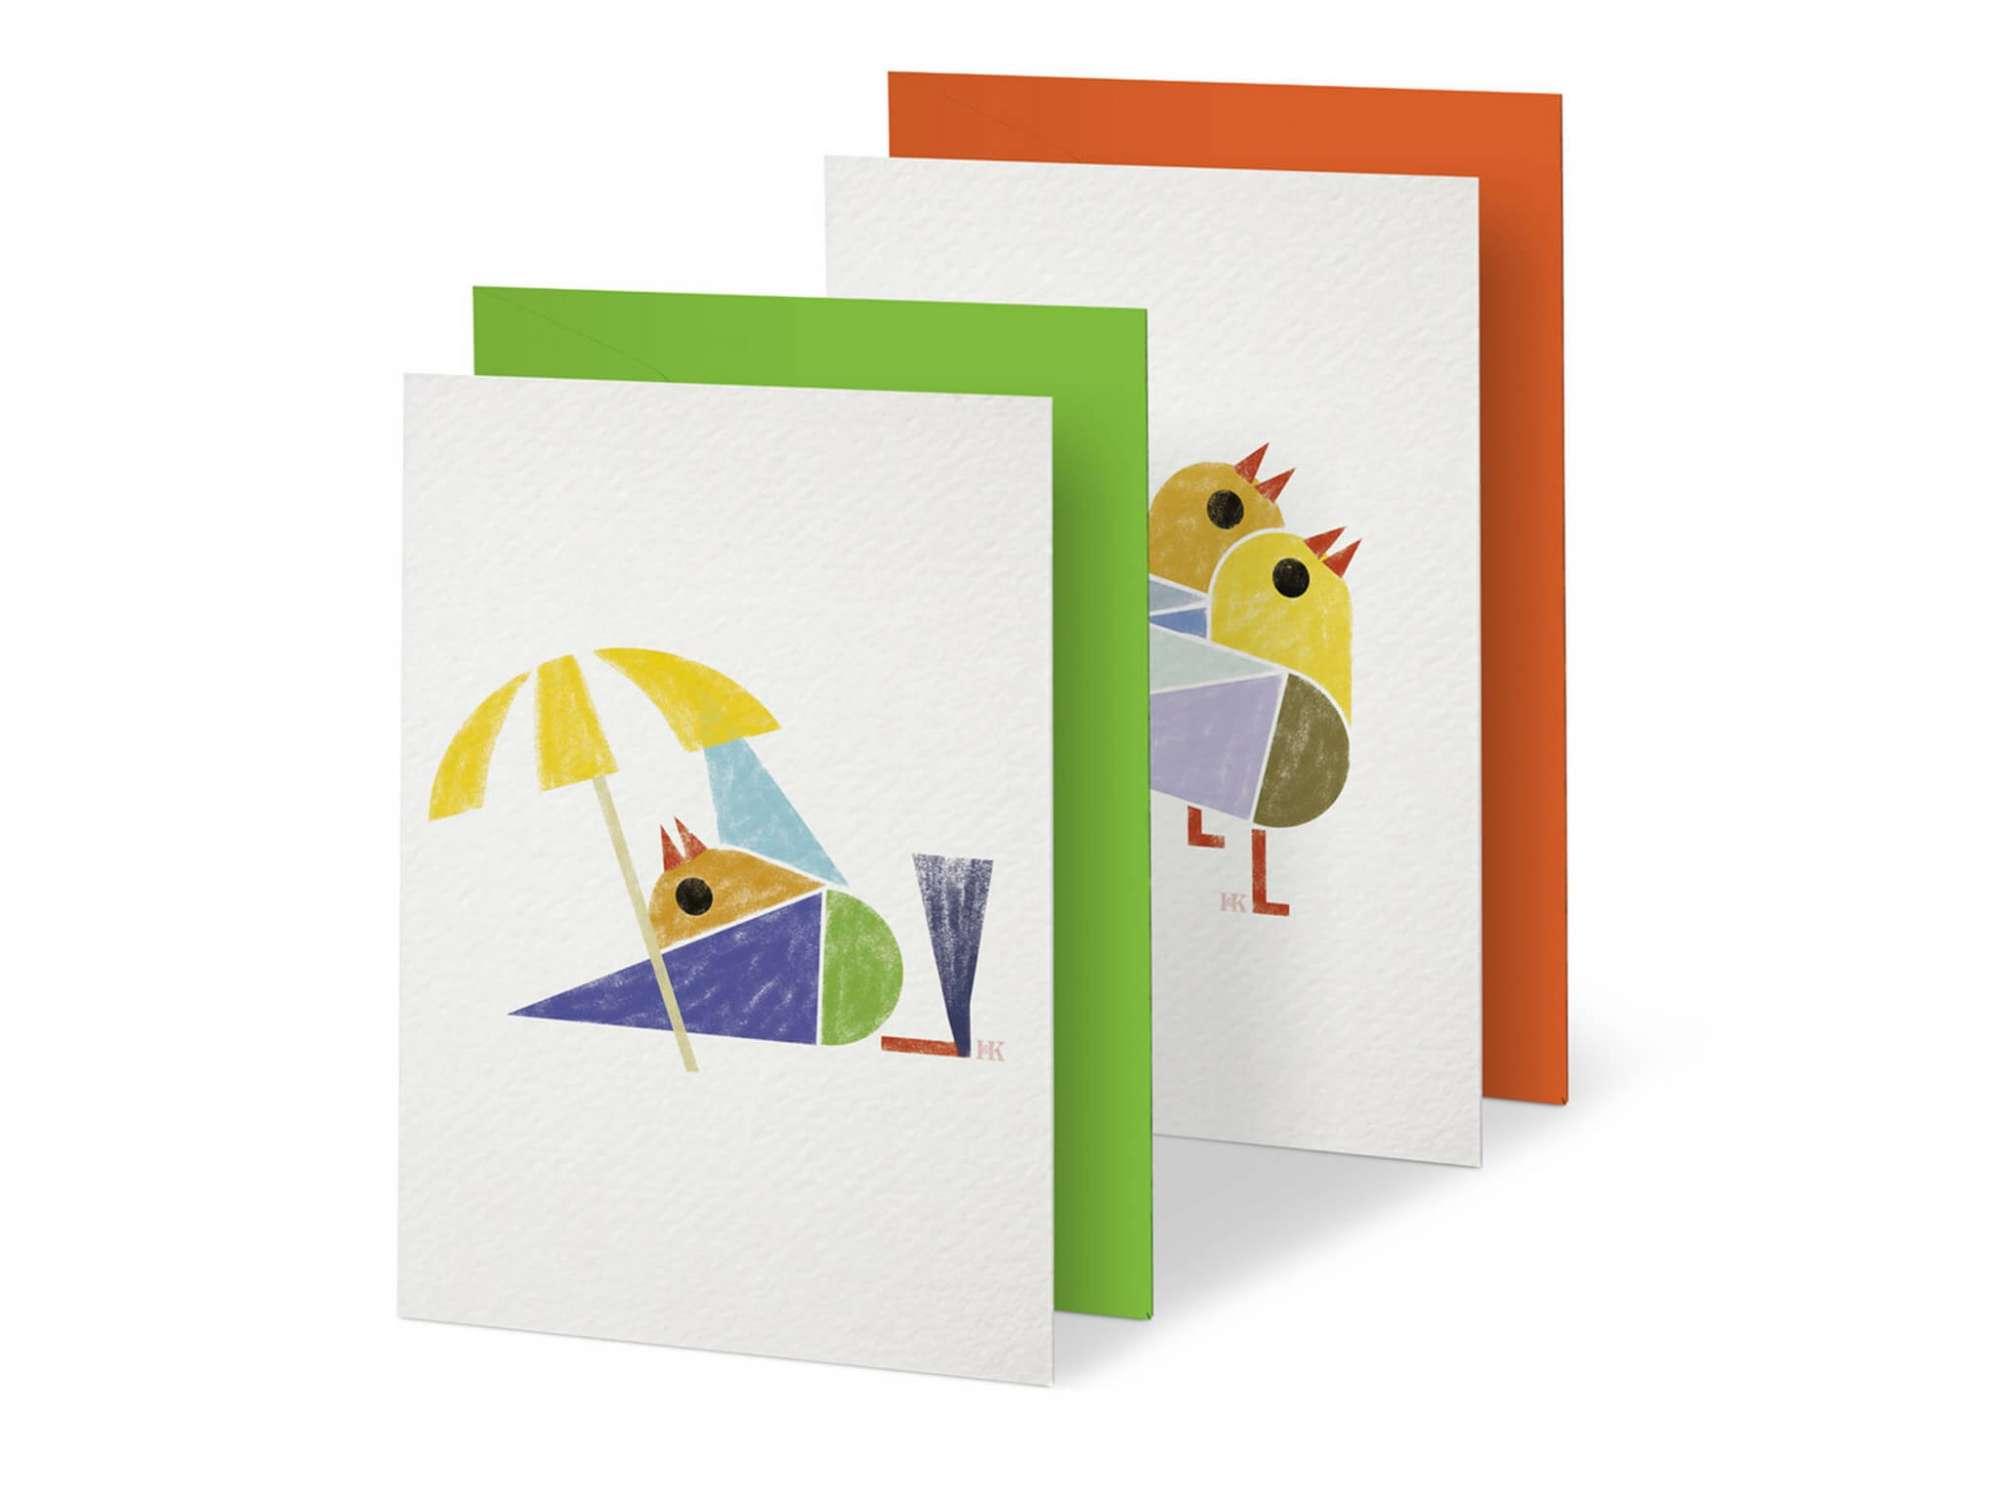 Ich&Kar dessine une série de cartes illustrées de petits oiseaux.